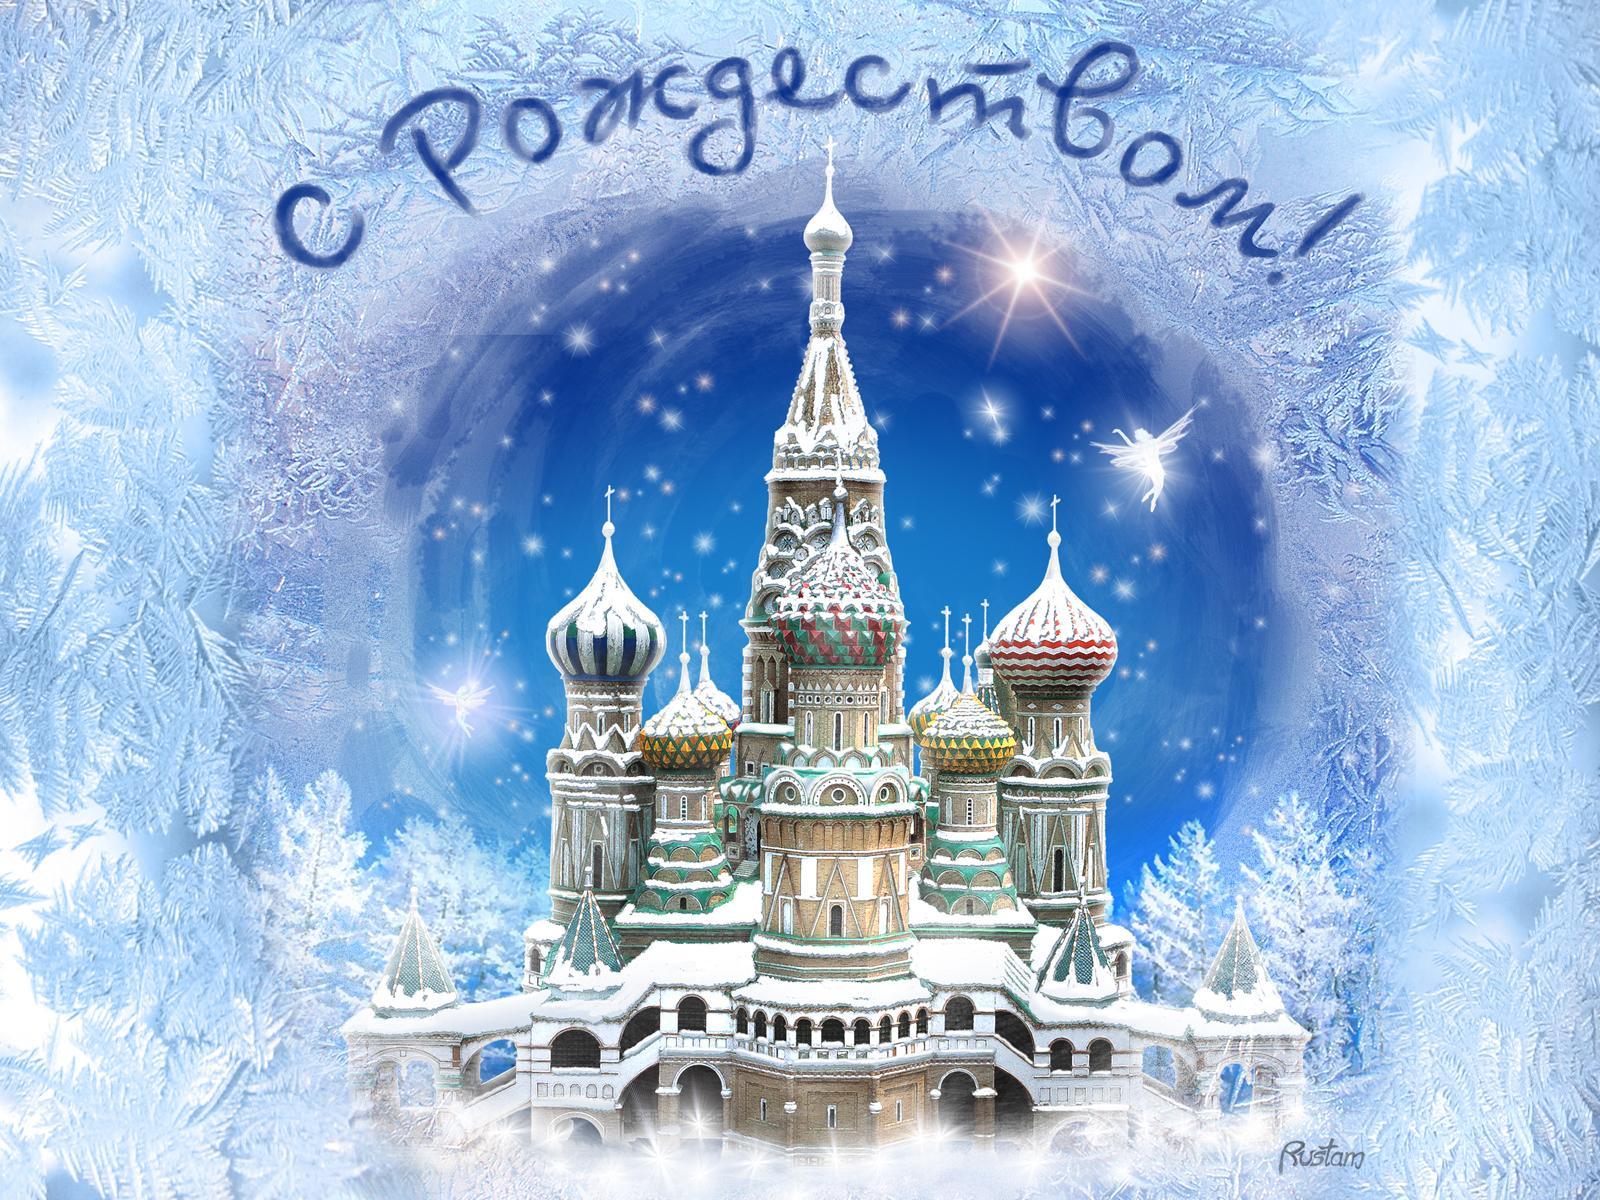 Всех с рождеством христовым! - Изображение 1